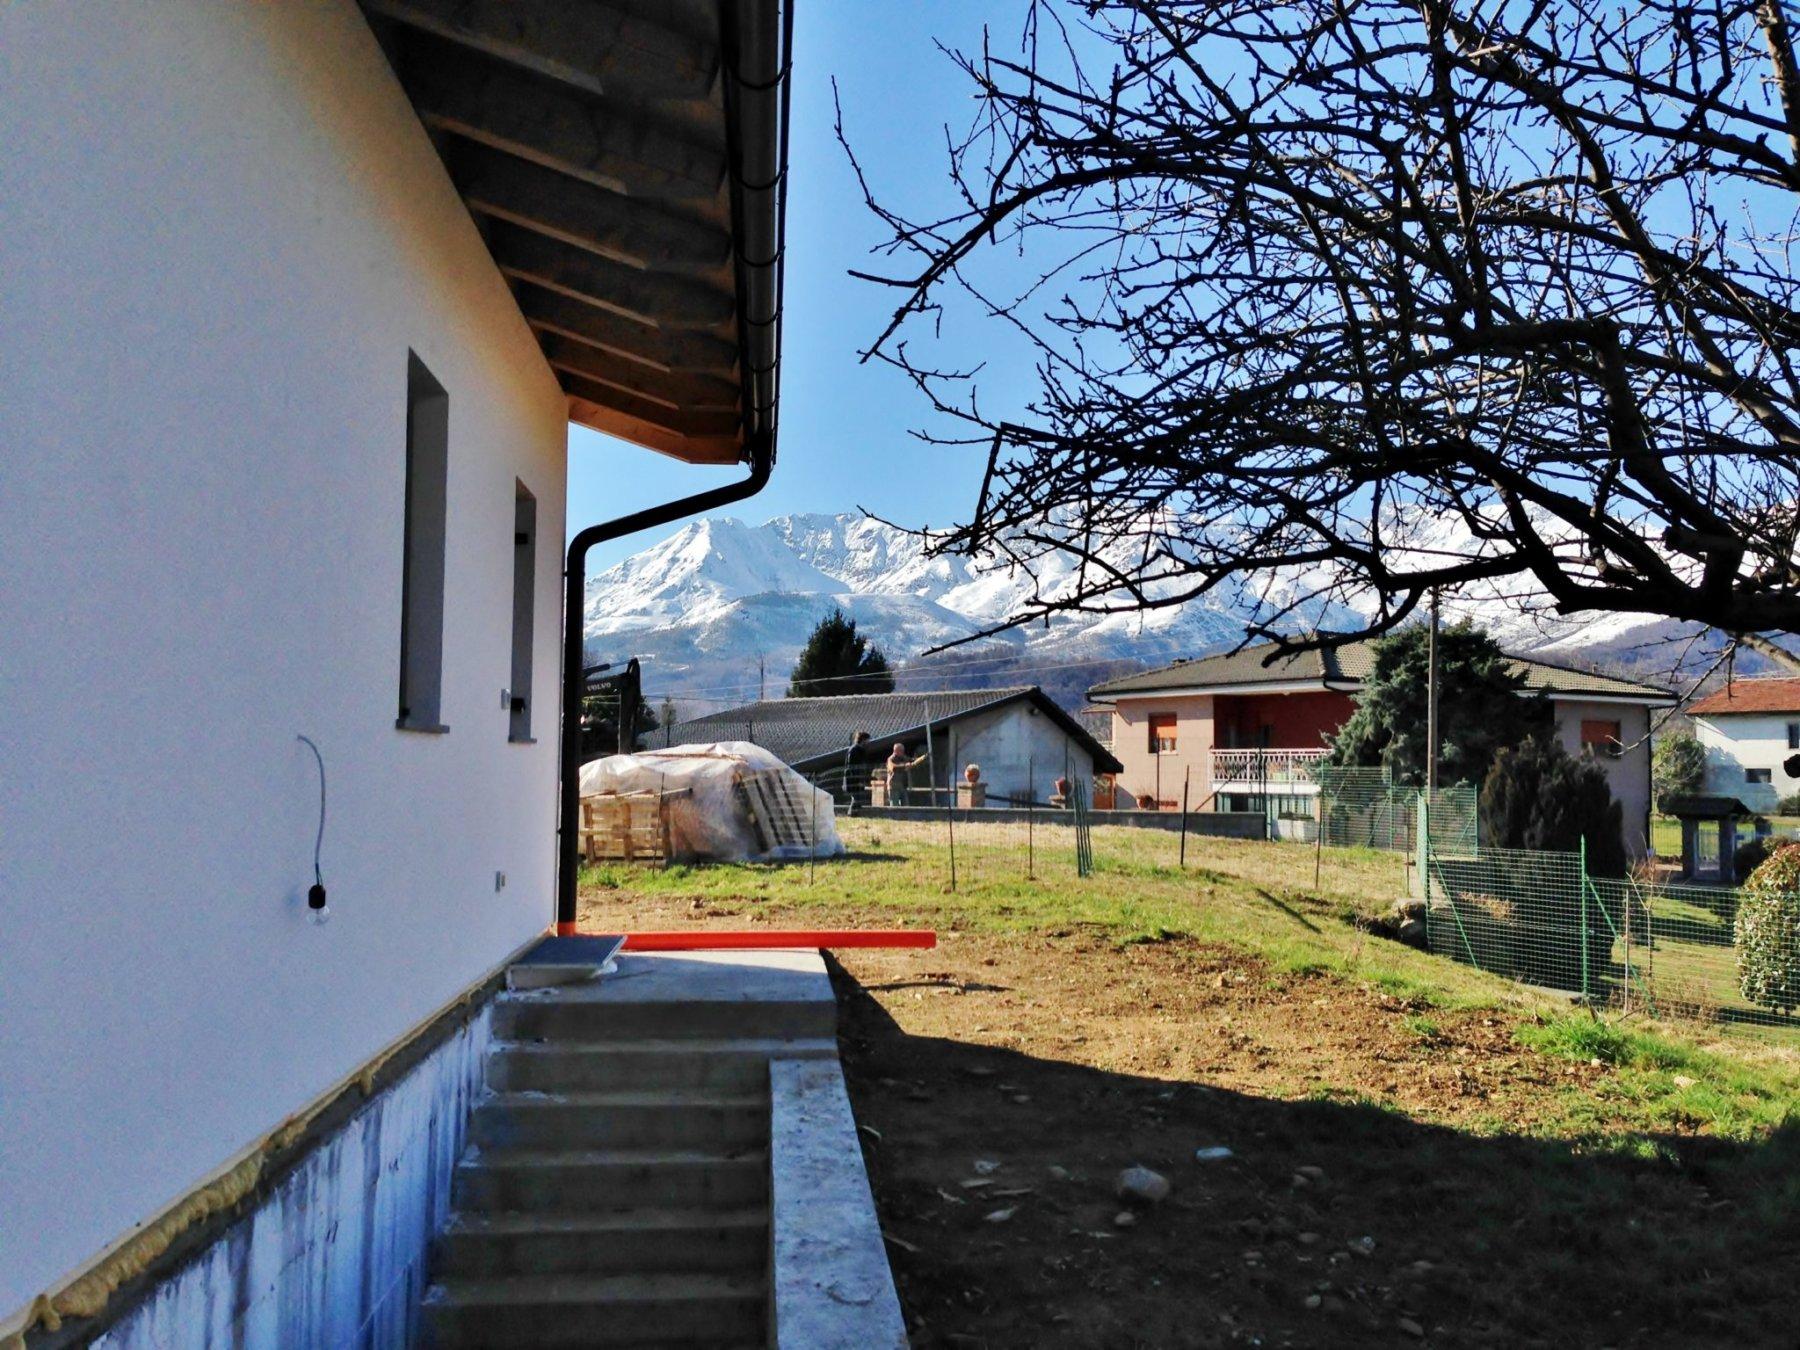 Casa in Legno chiavi in mano - Torino